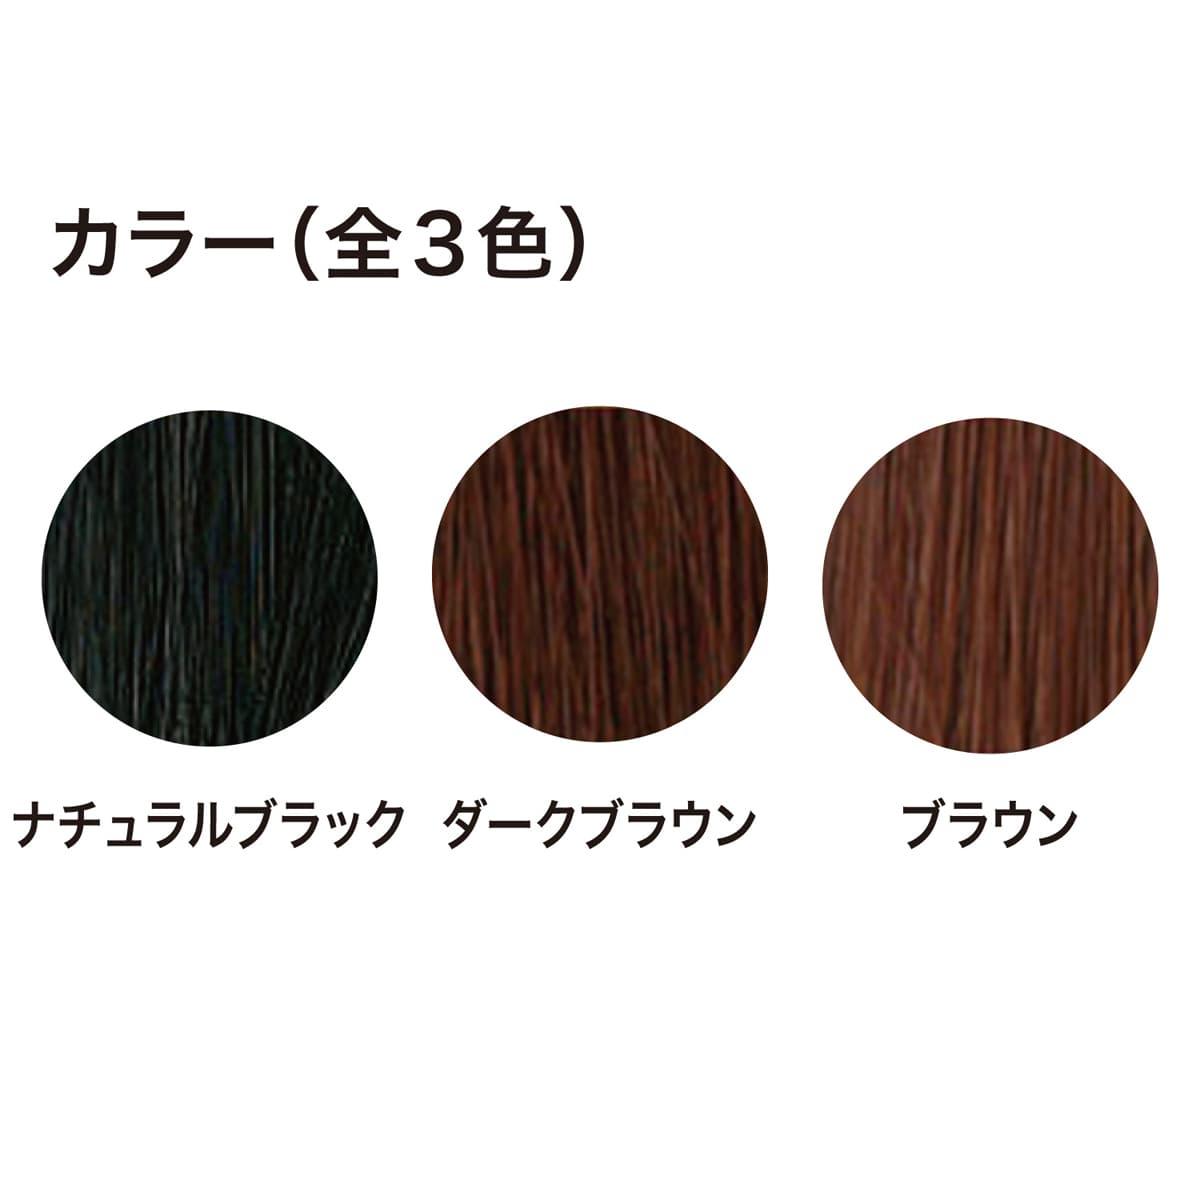 アートミクロンプラビ パウダー(8g) 【3個まとめ買い】